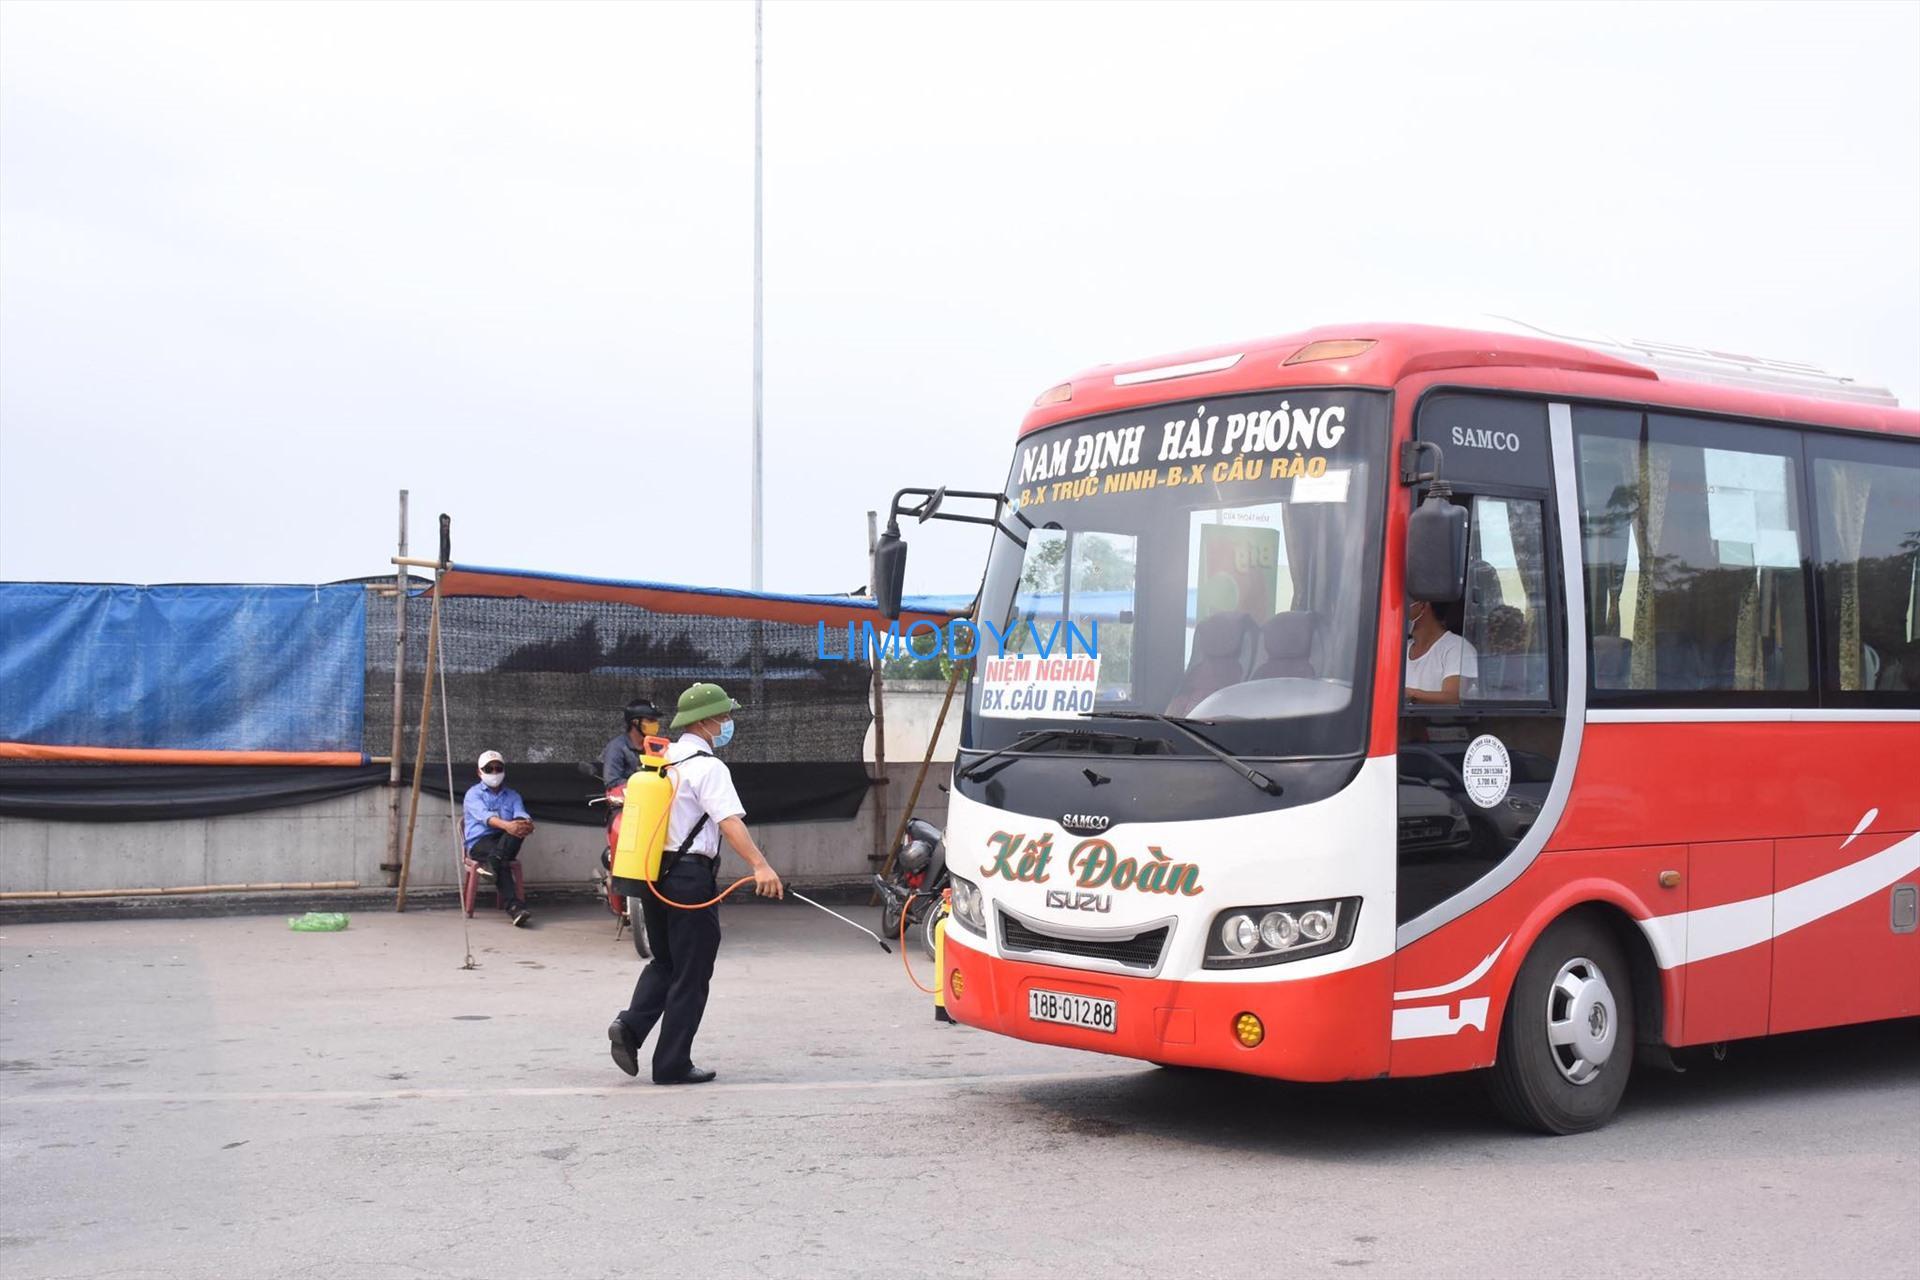 Bến xe Việt Trì Phú Thọ: Số điện thoại, địa chỉ và thông tin chi tiết vé xe